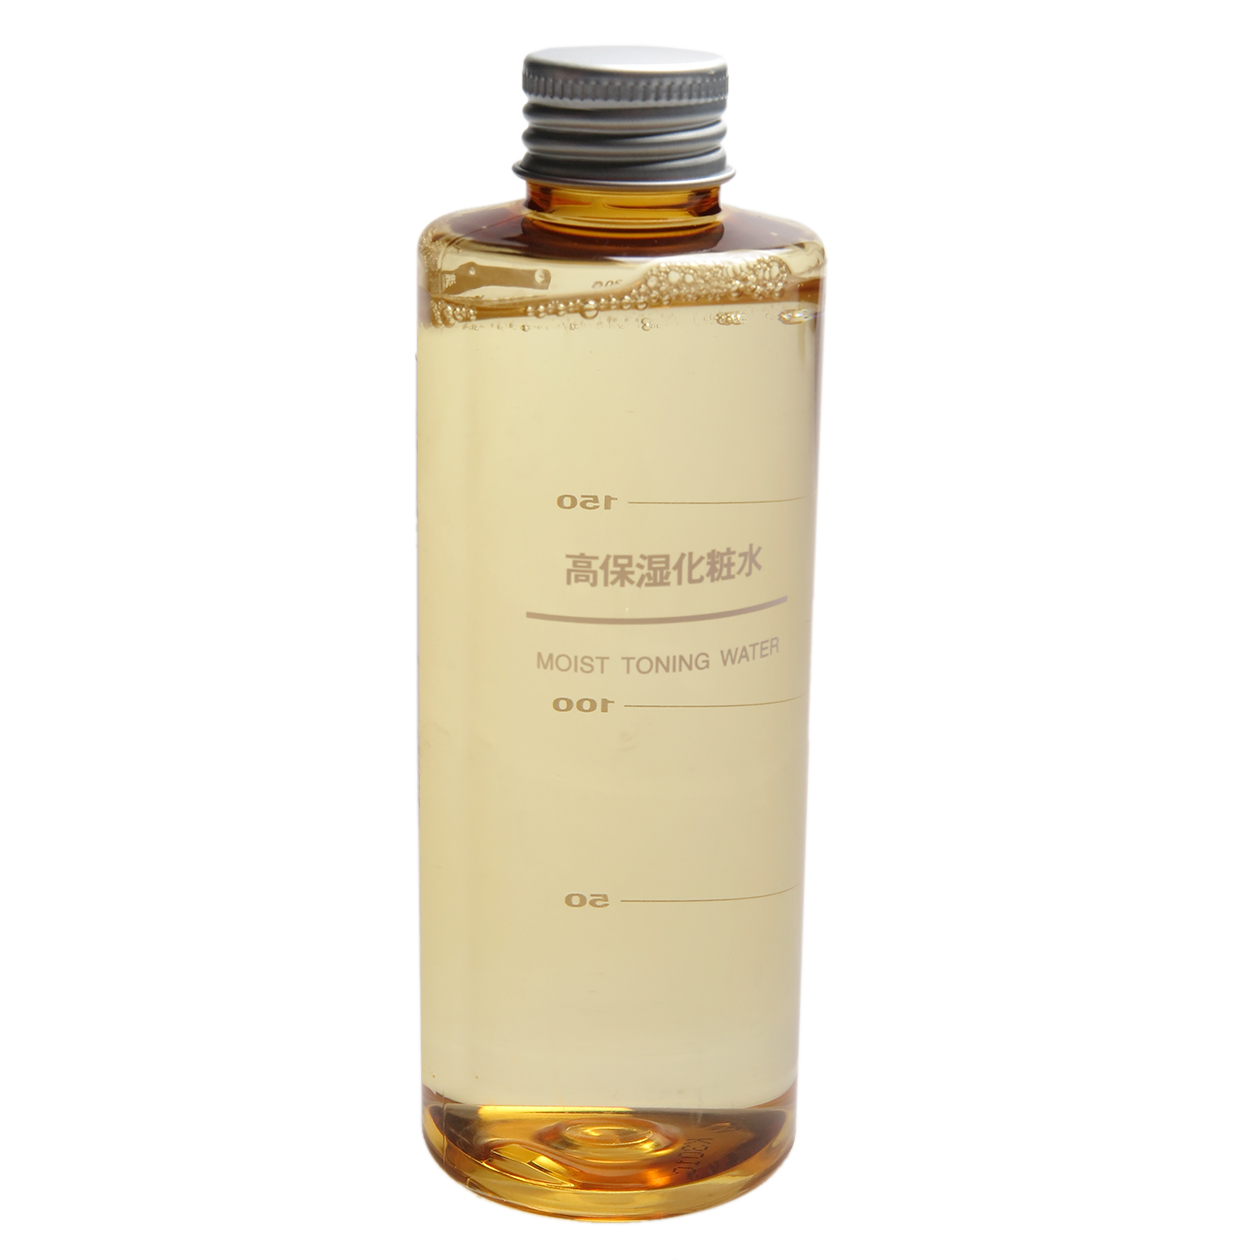 无印良品MUJI 润肤化妆水(高保湿型)